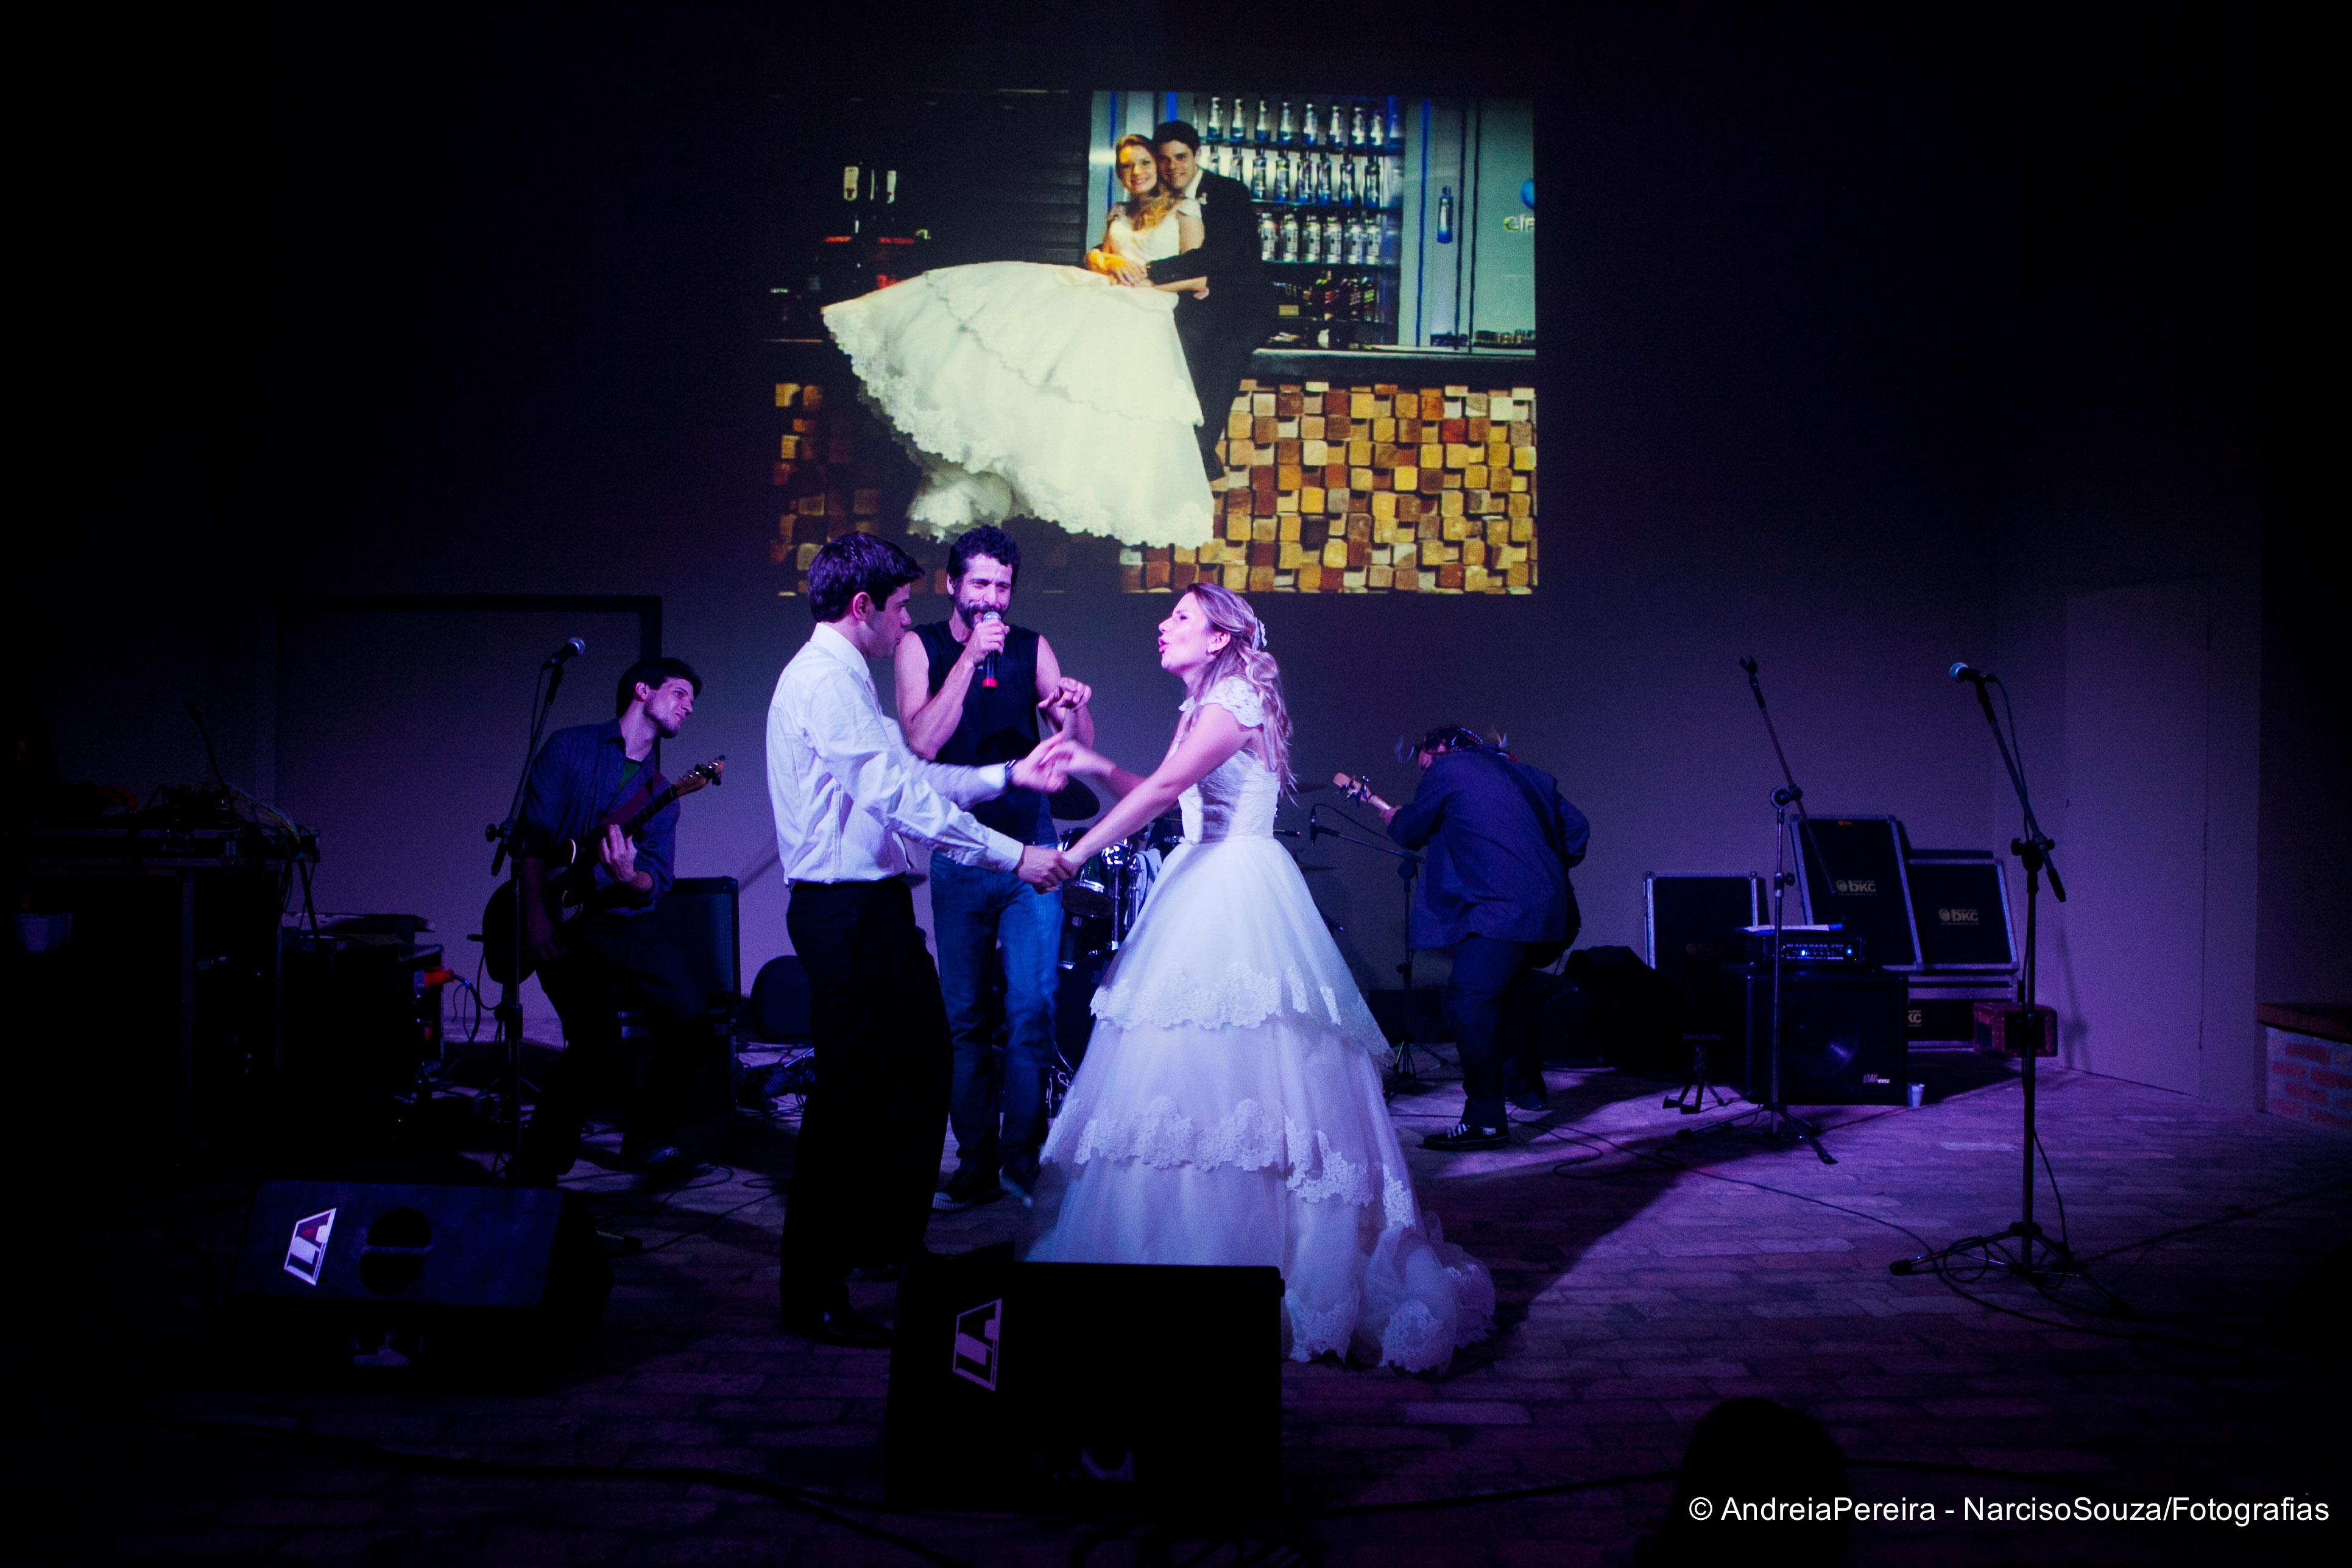 ns20110910 fernanda e eder 1138 Fernanda Sollito ♥ Edinho fotografo